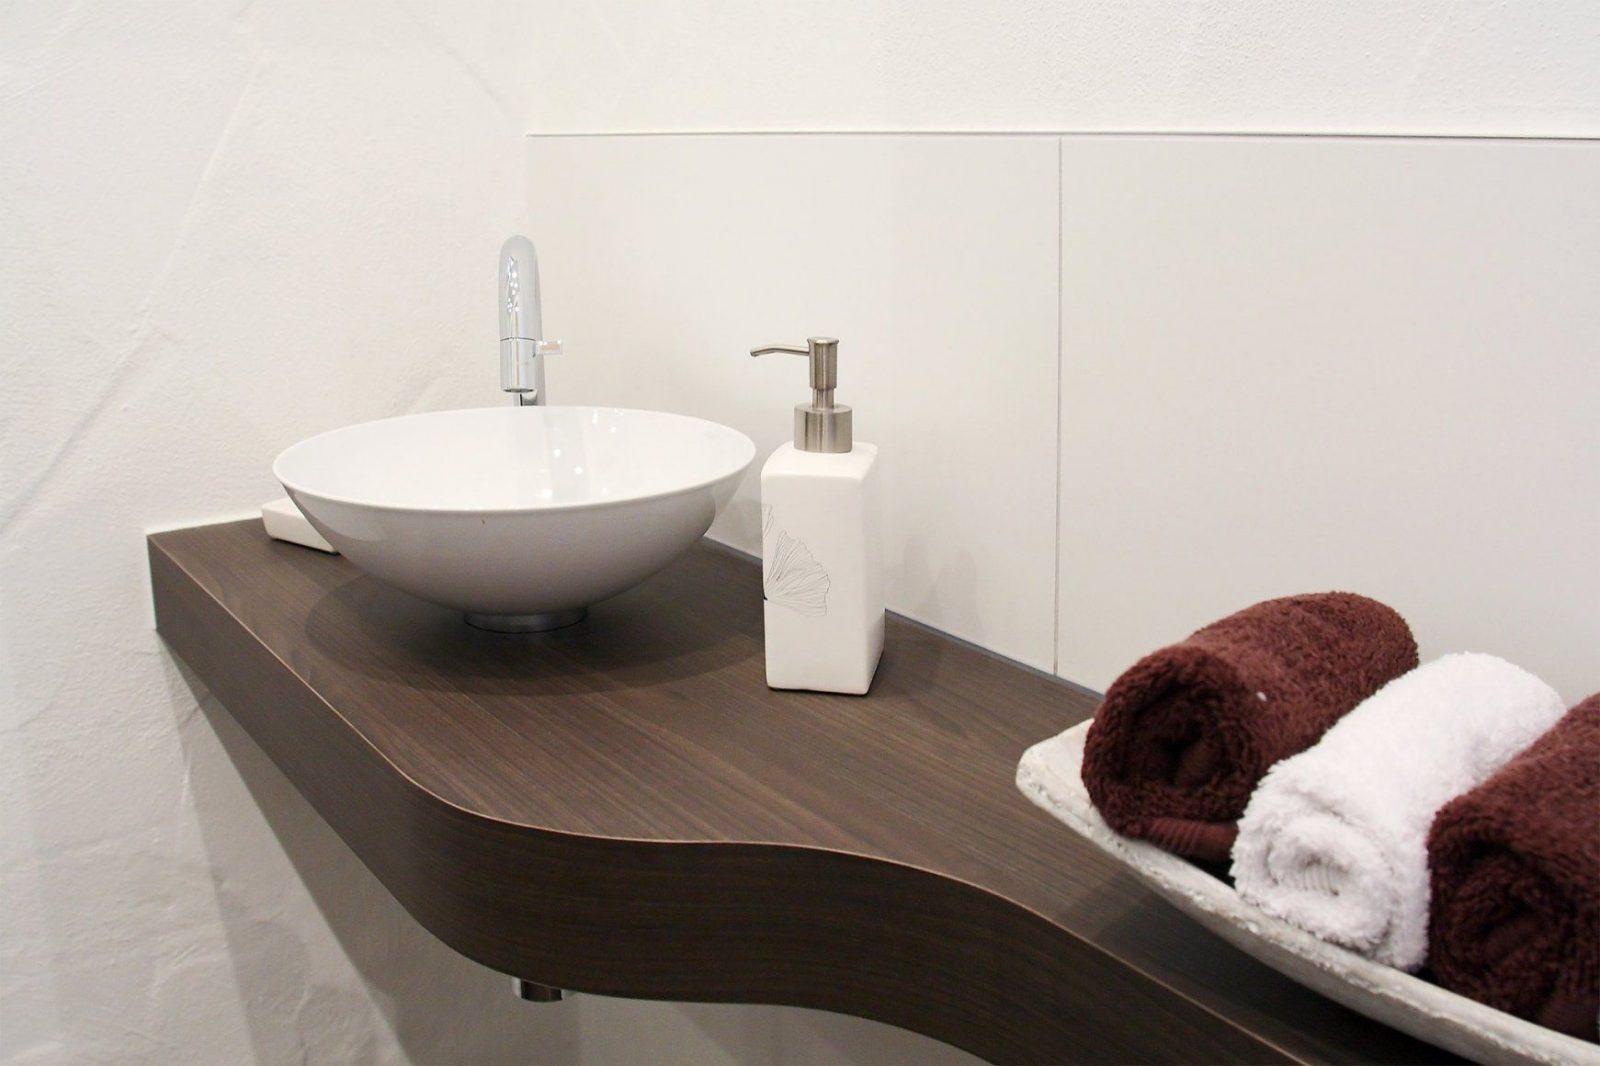 Waschbecken Schale Mit Unterschrank  Gispatcher von Waschbecken Aufsatz Mit Unterschrank Bild